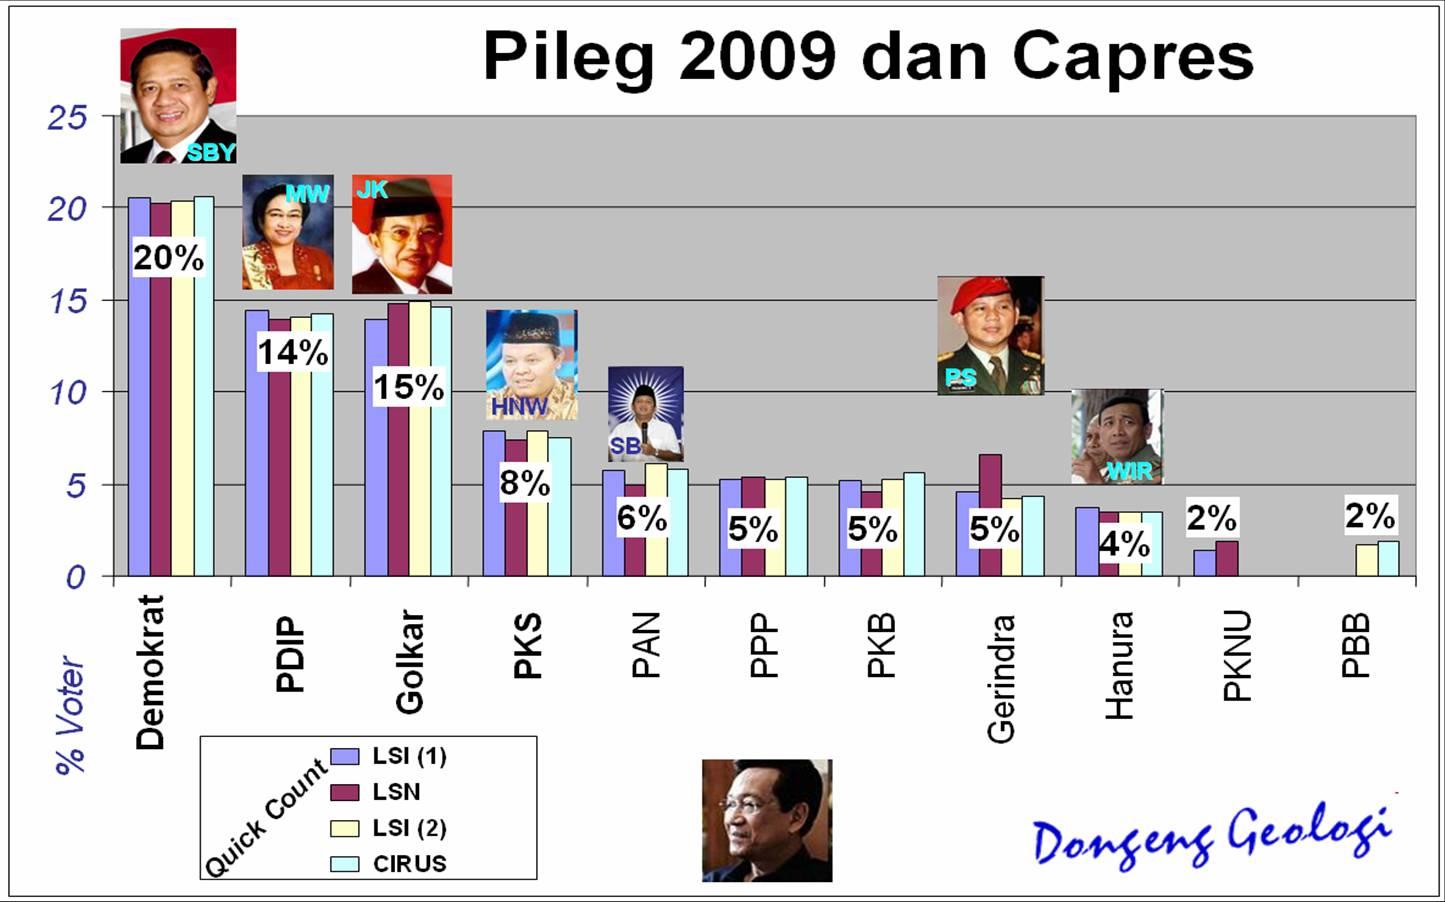 pileg_2009_capres